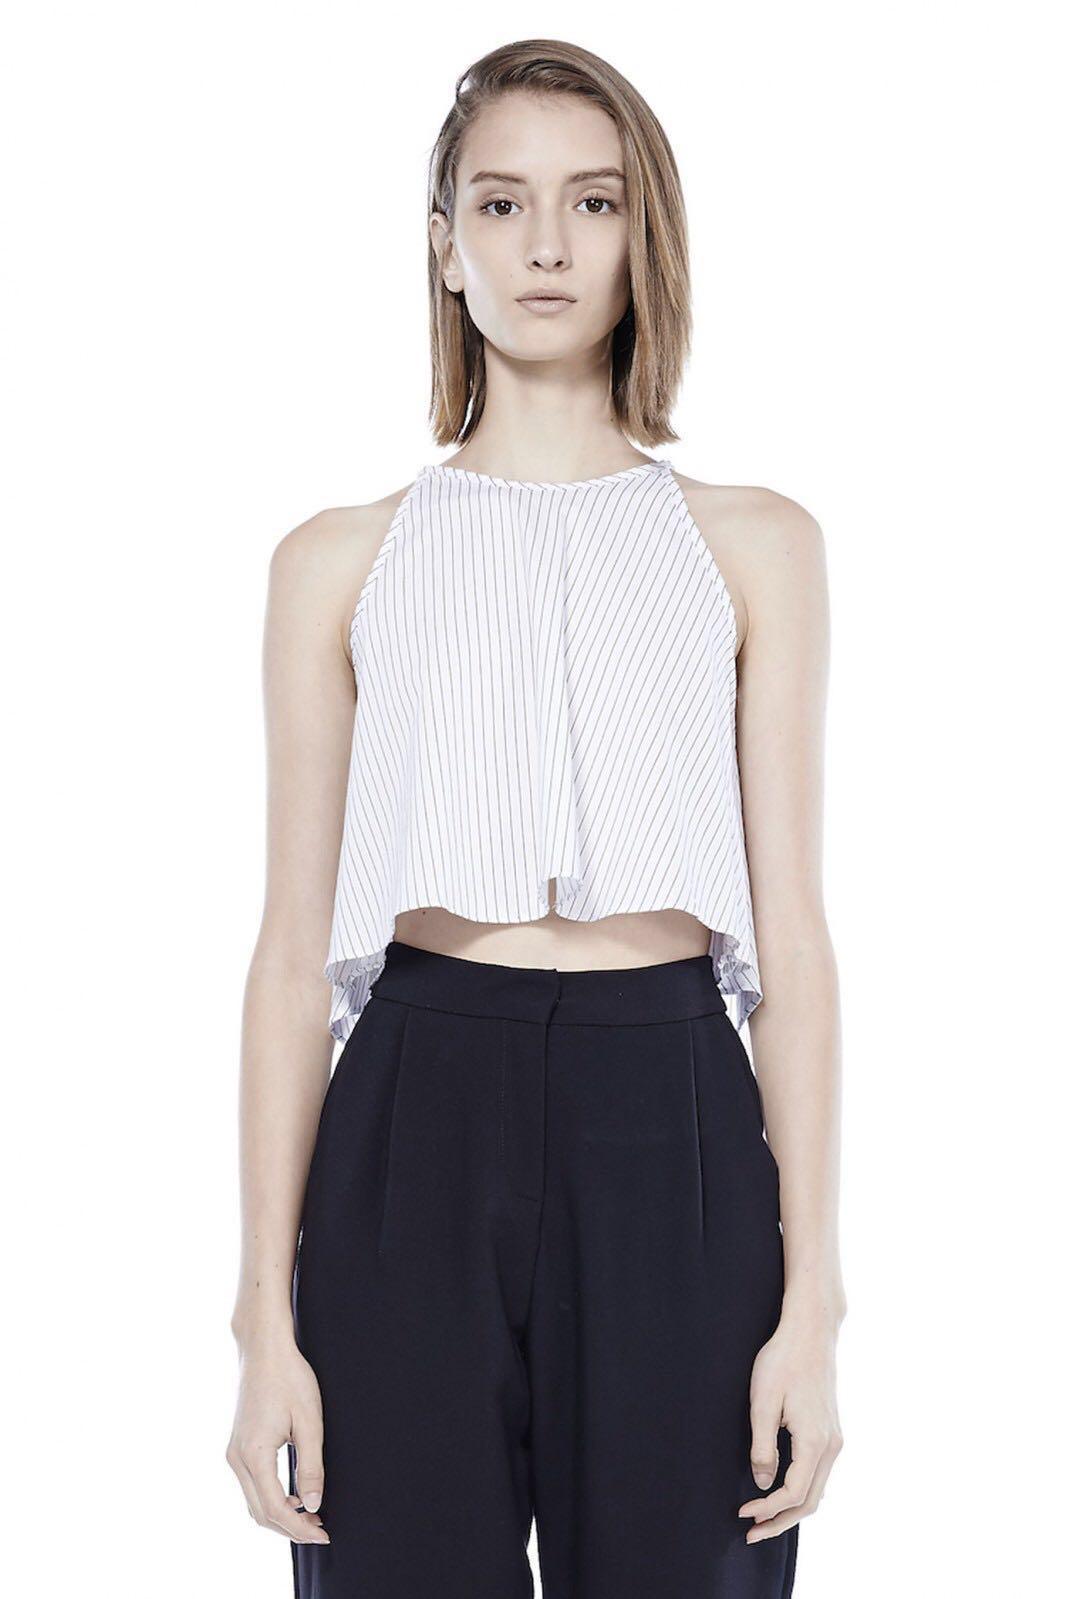 the editor's market/tem jocasta striped top in white